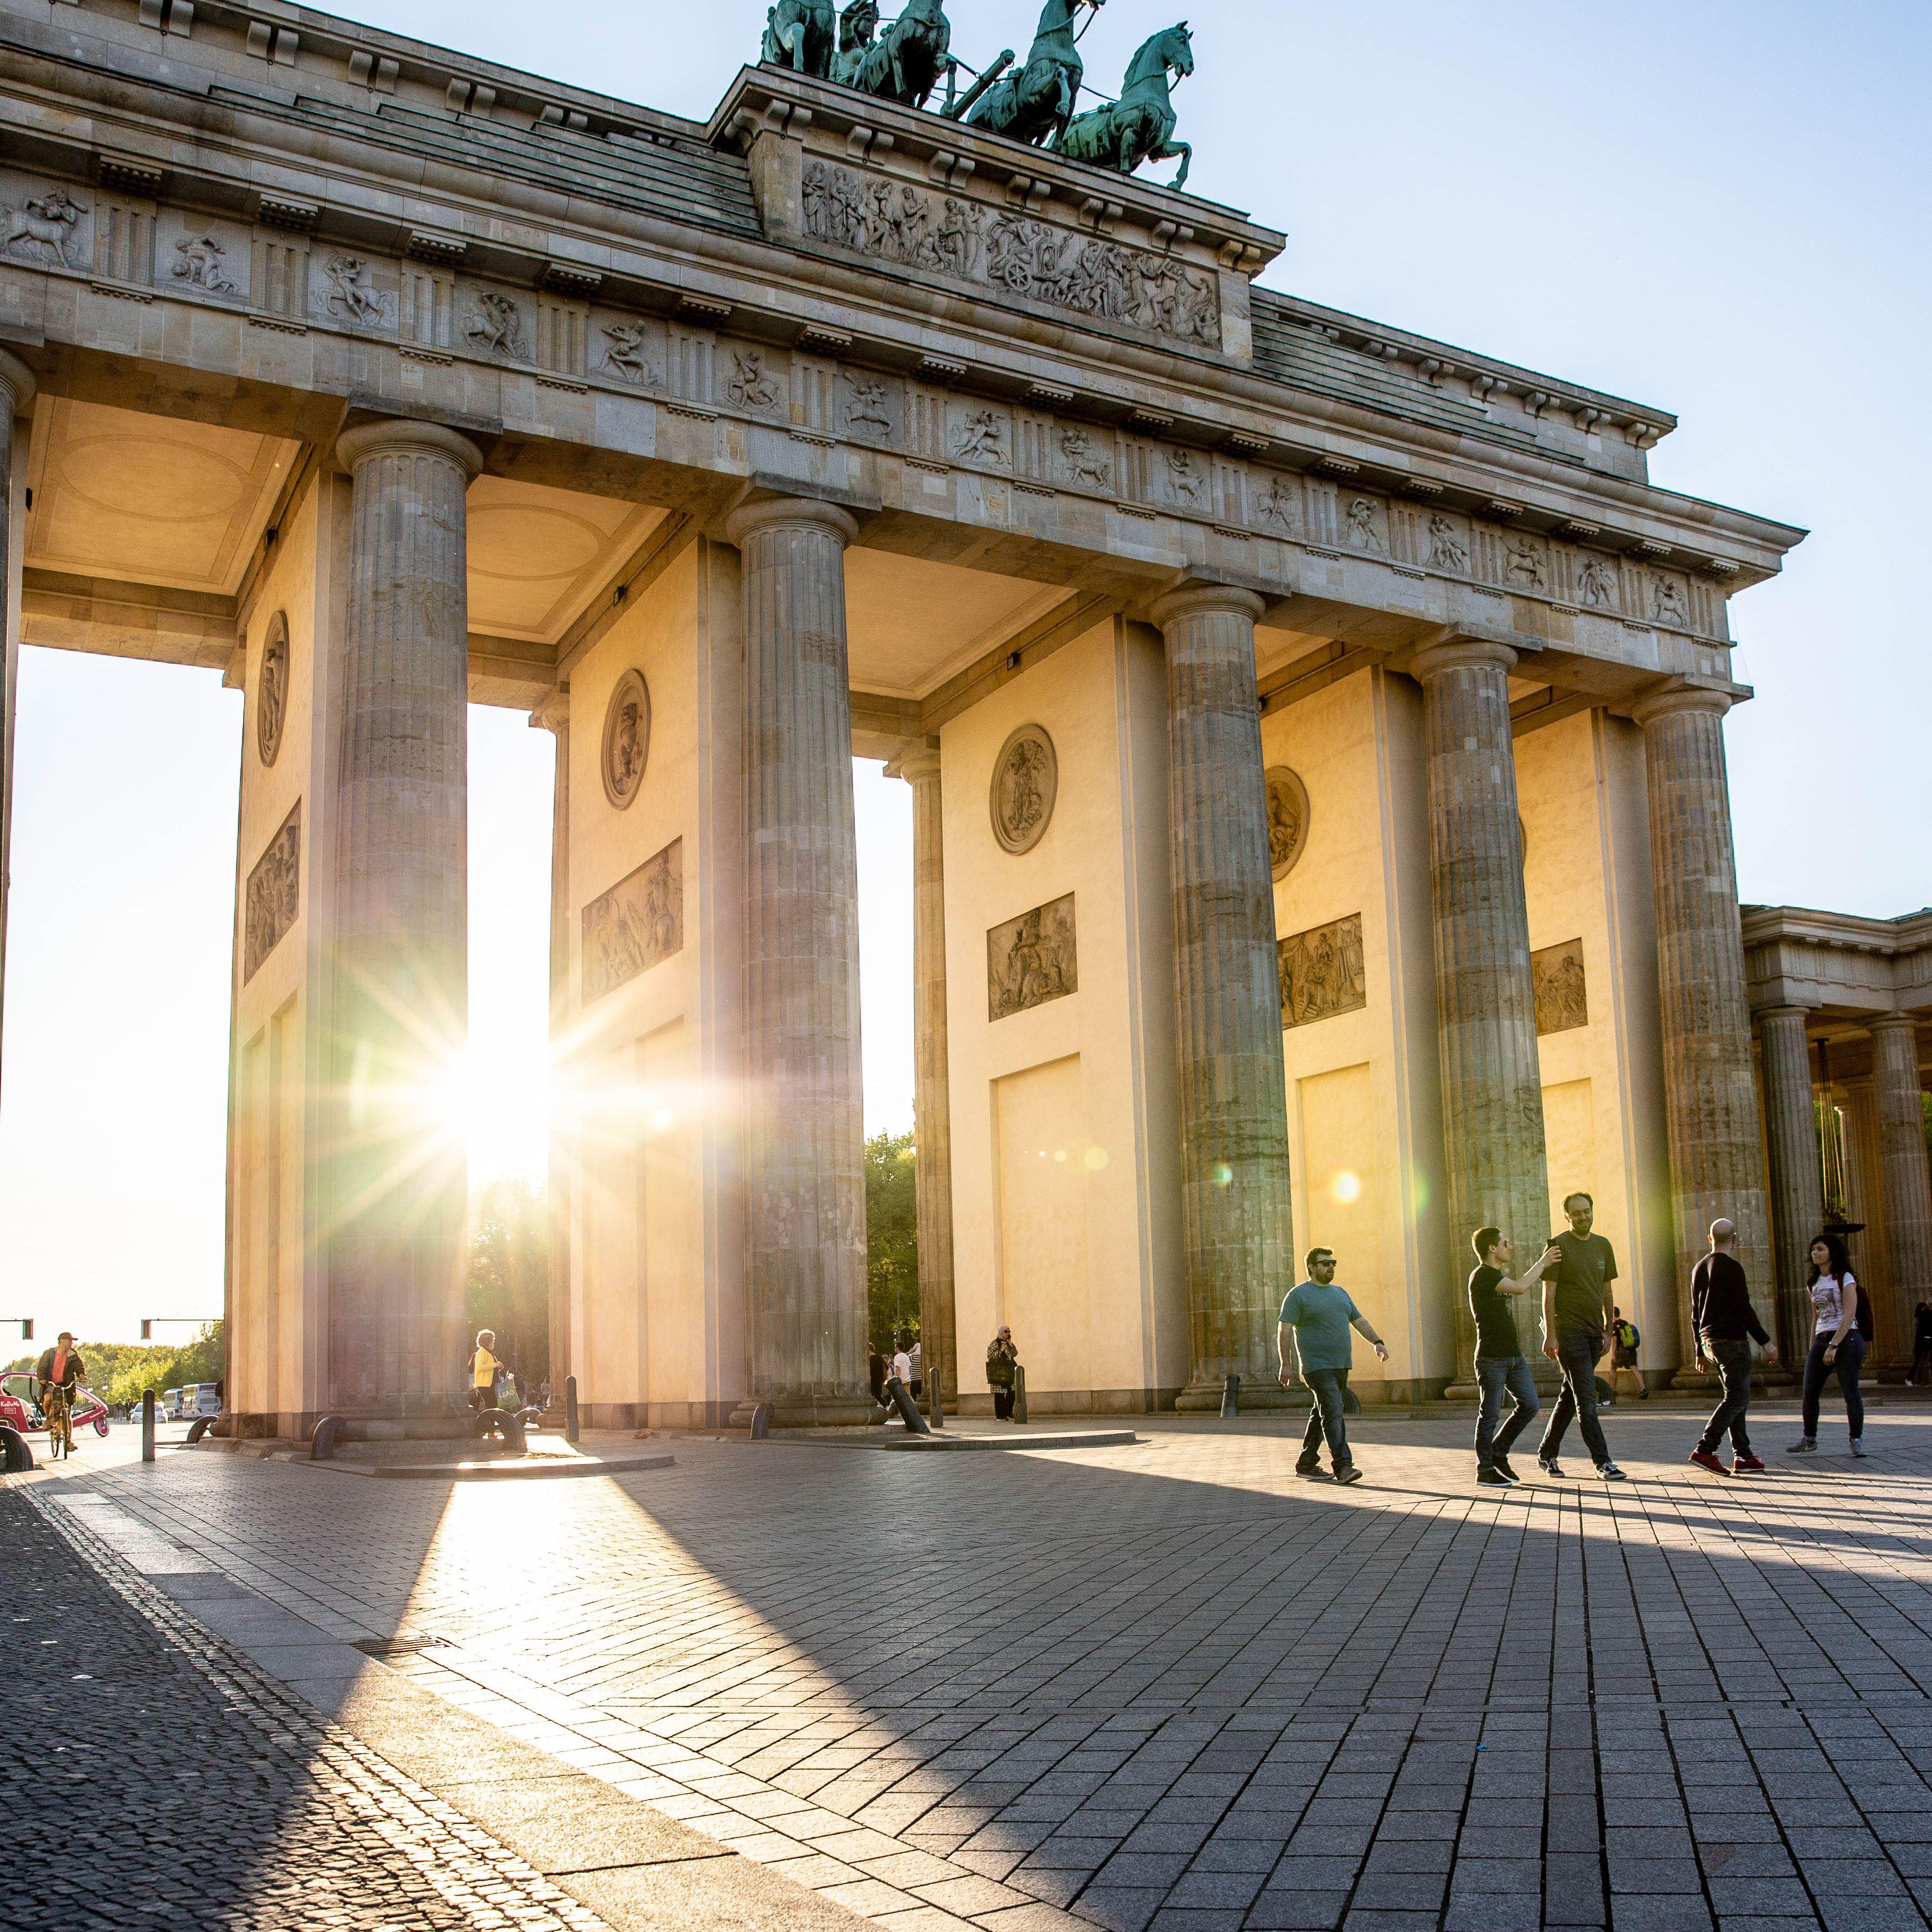 El sol brillando a través de las piernas de la Puerta de Brandenburgo